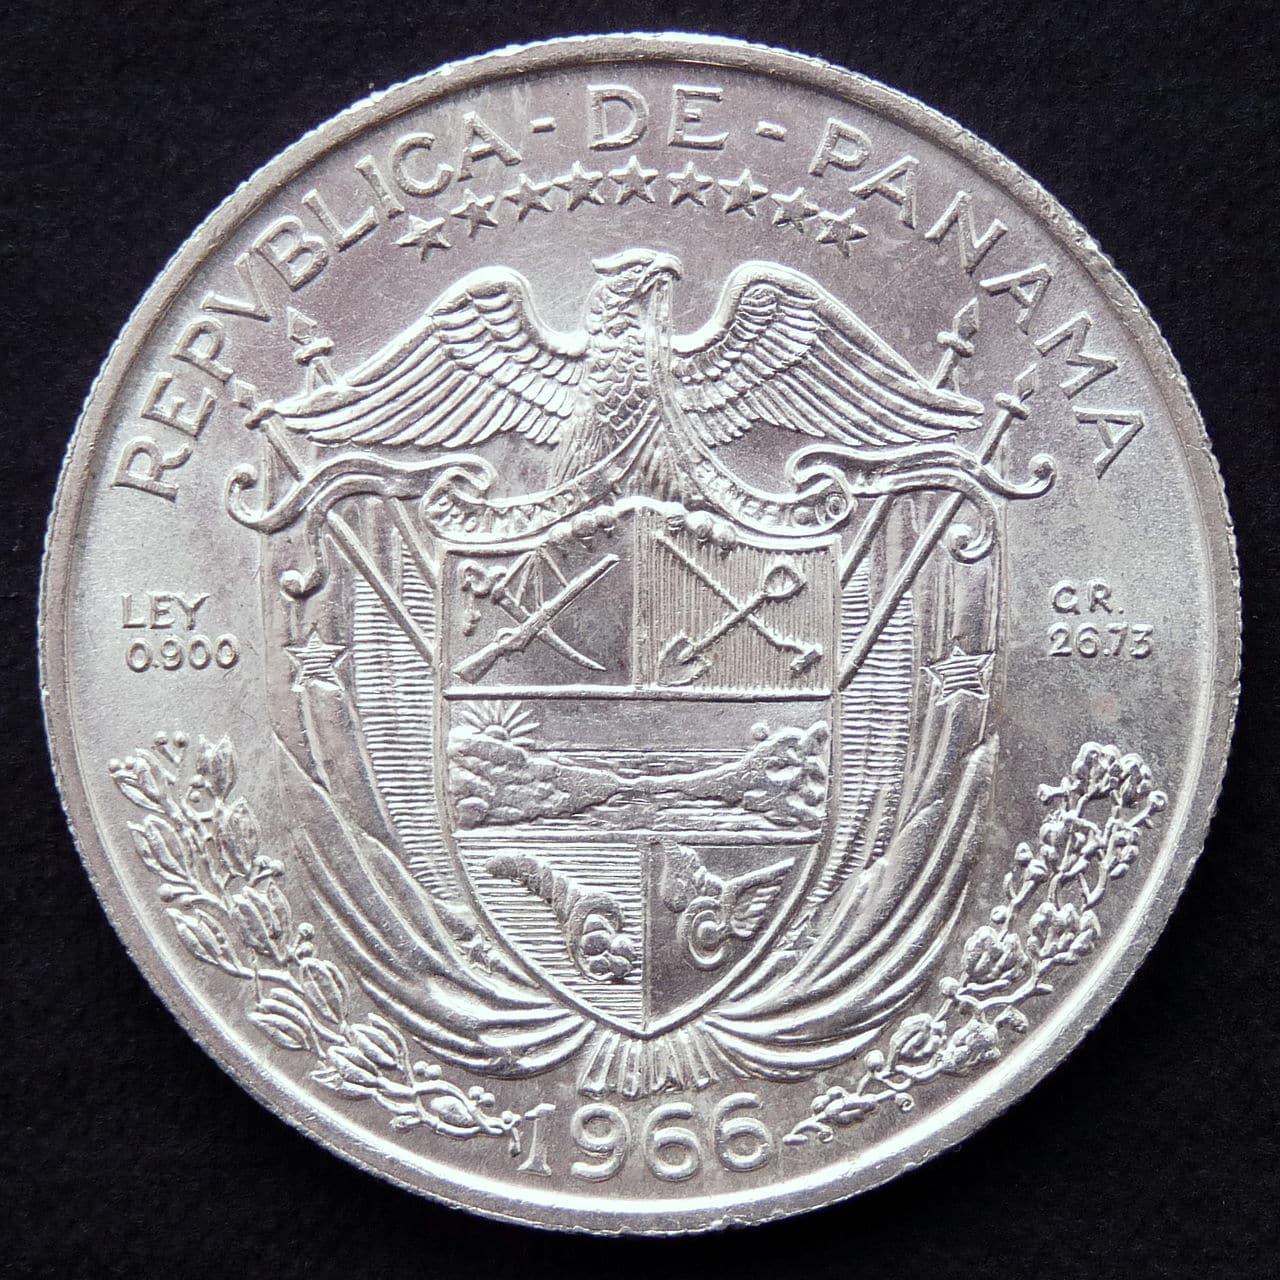 Un Balboa - Panamá - 1966 P1230584